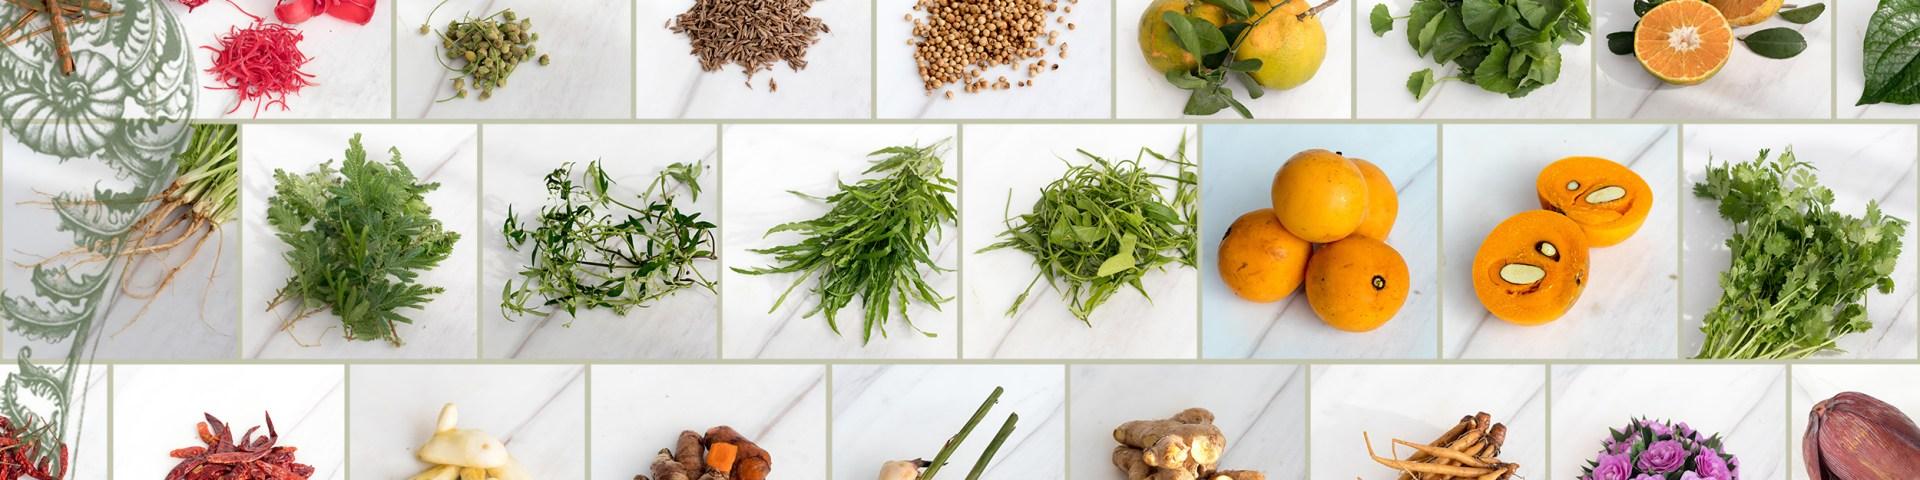 Header Ingredients Grid 01